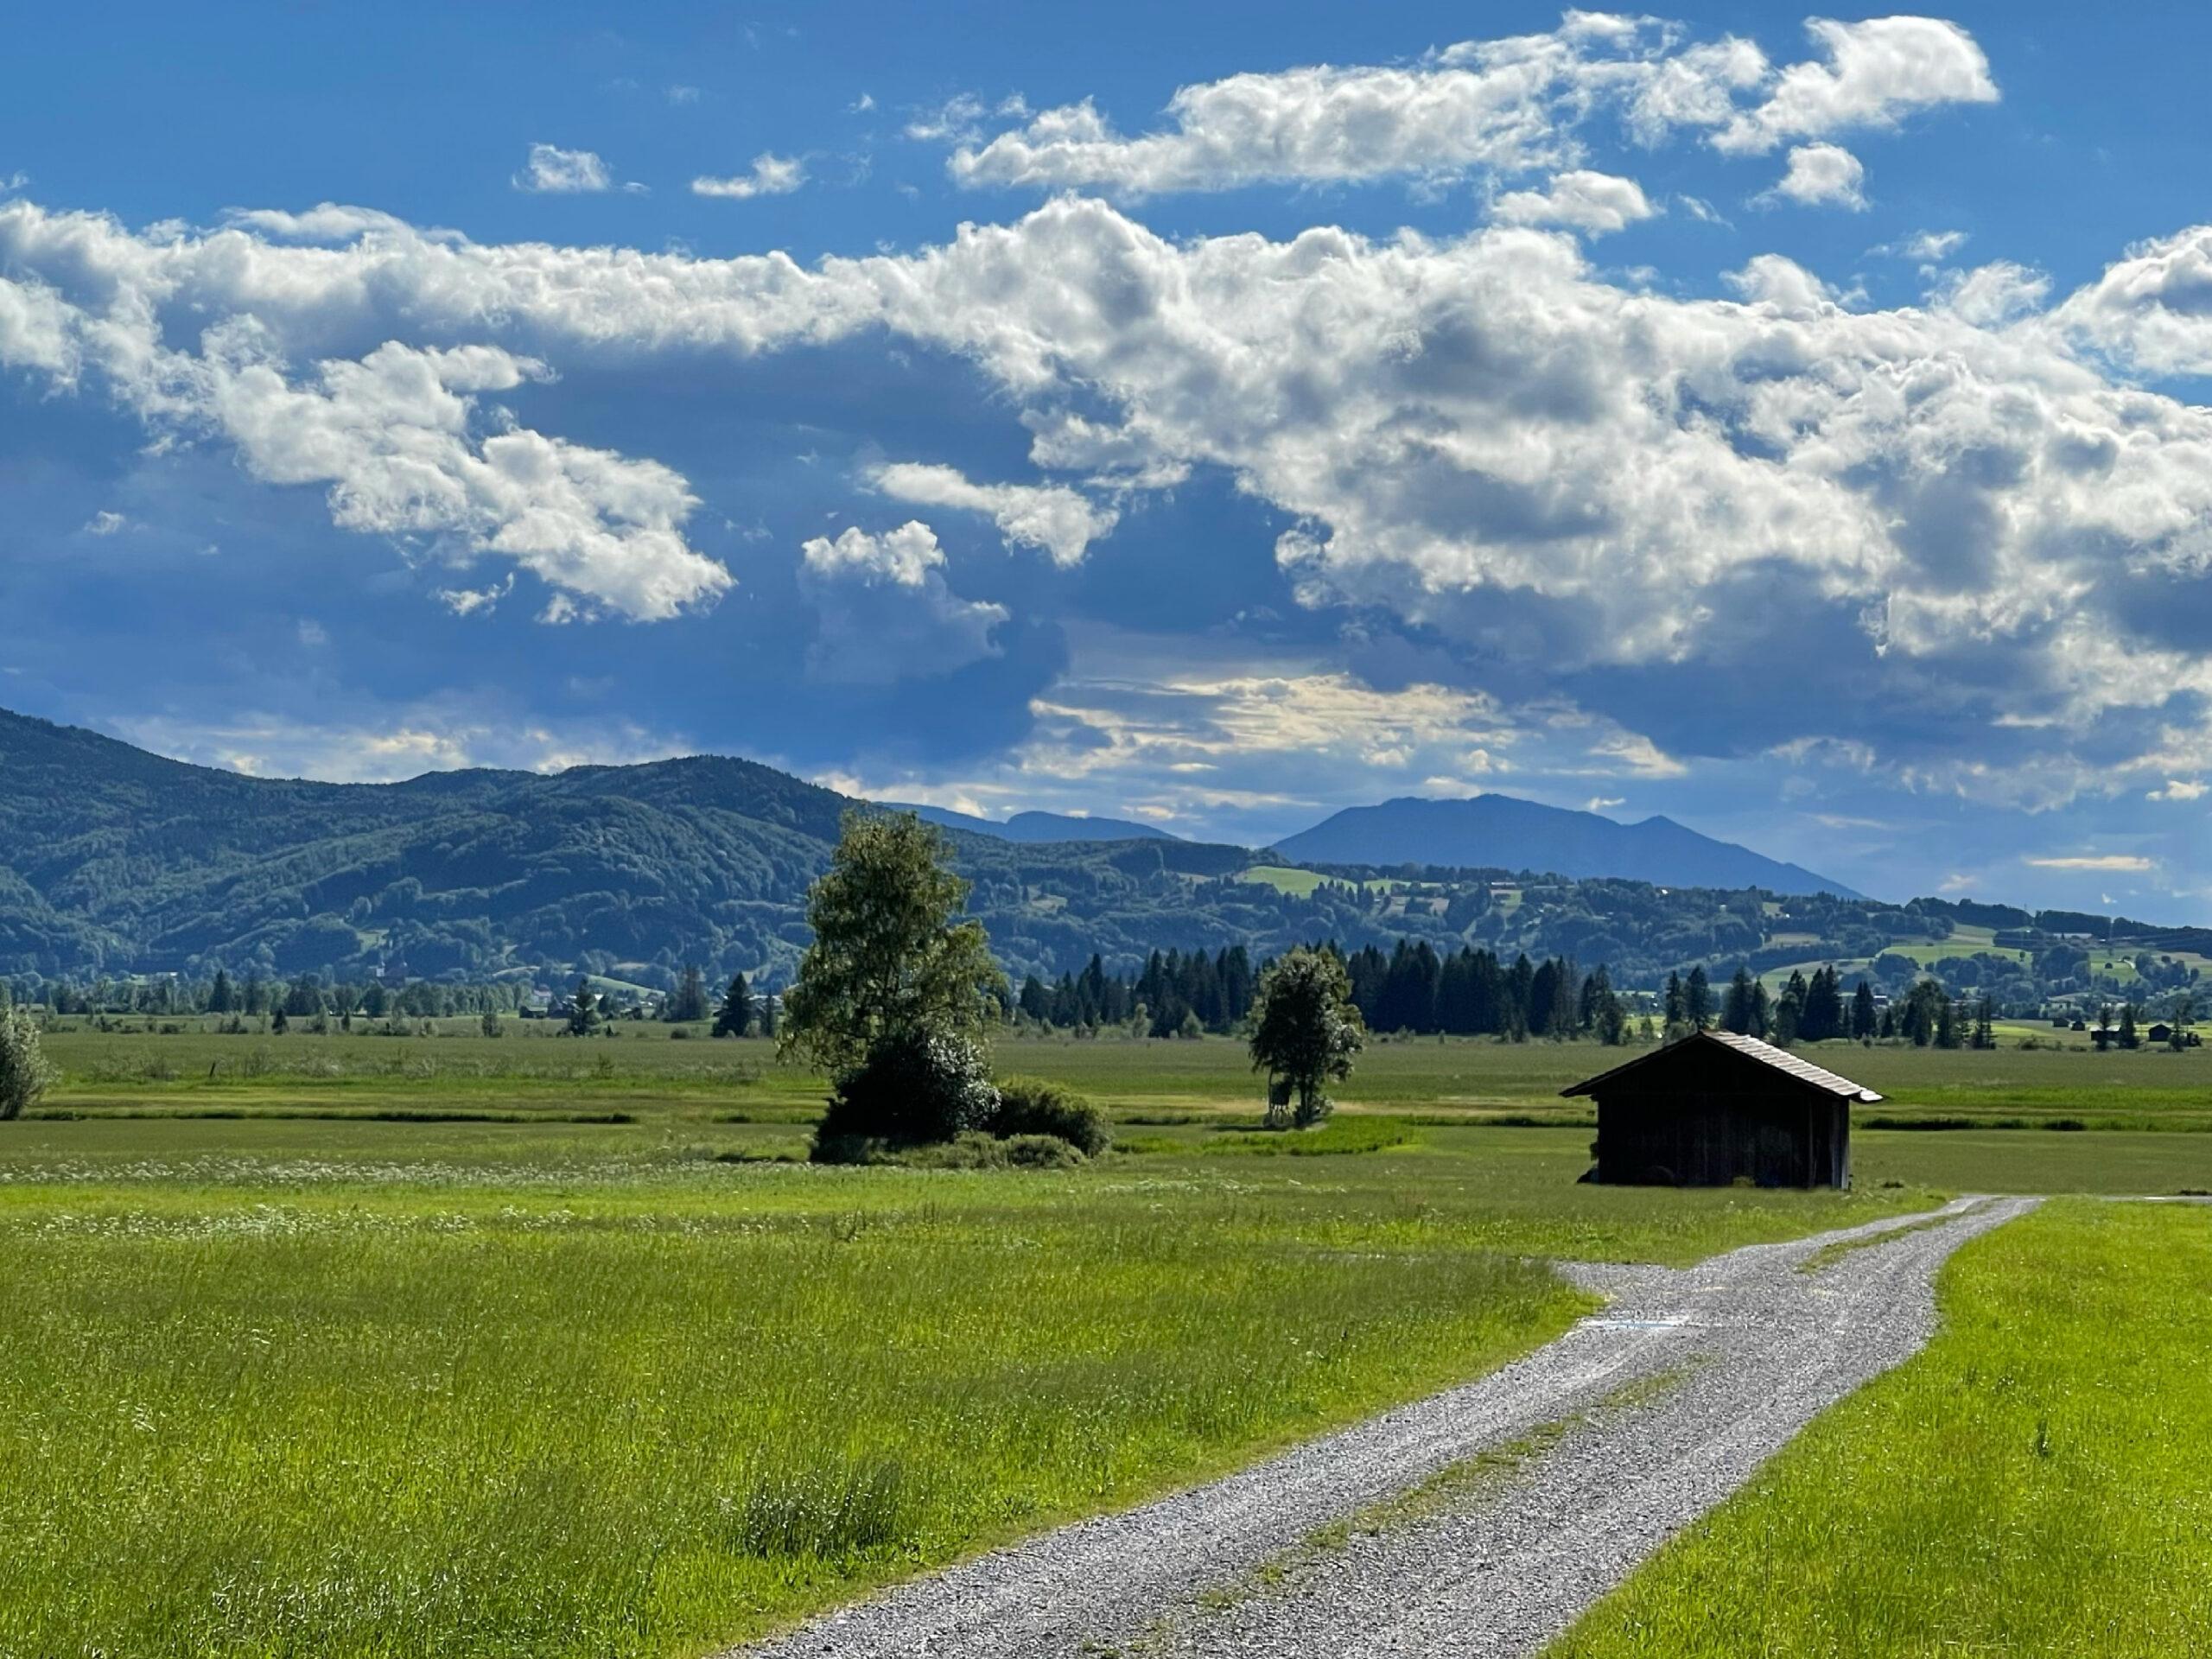 Wolkenleben undLandschaften beiKochel am See, in der Ferne Glentleiten.